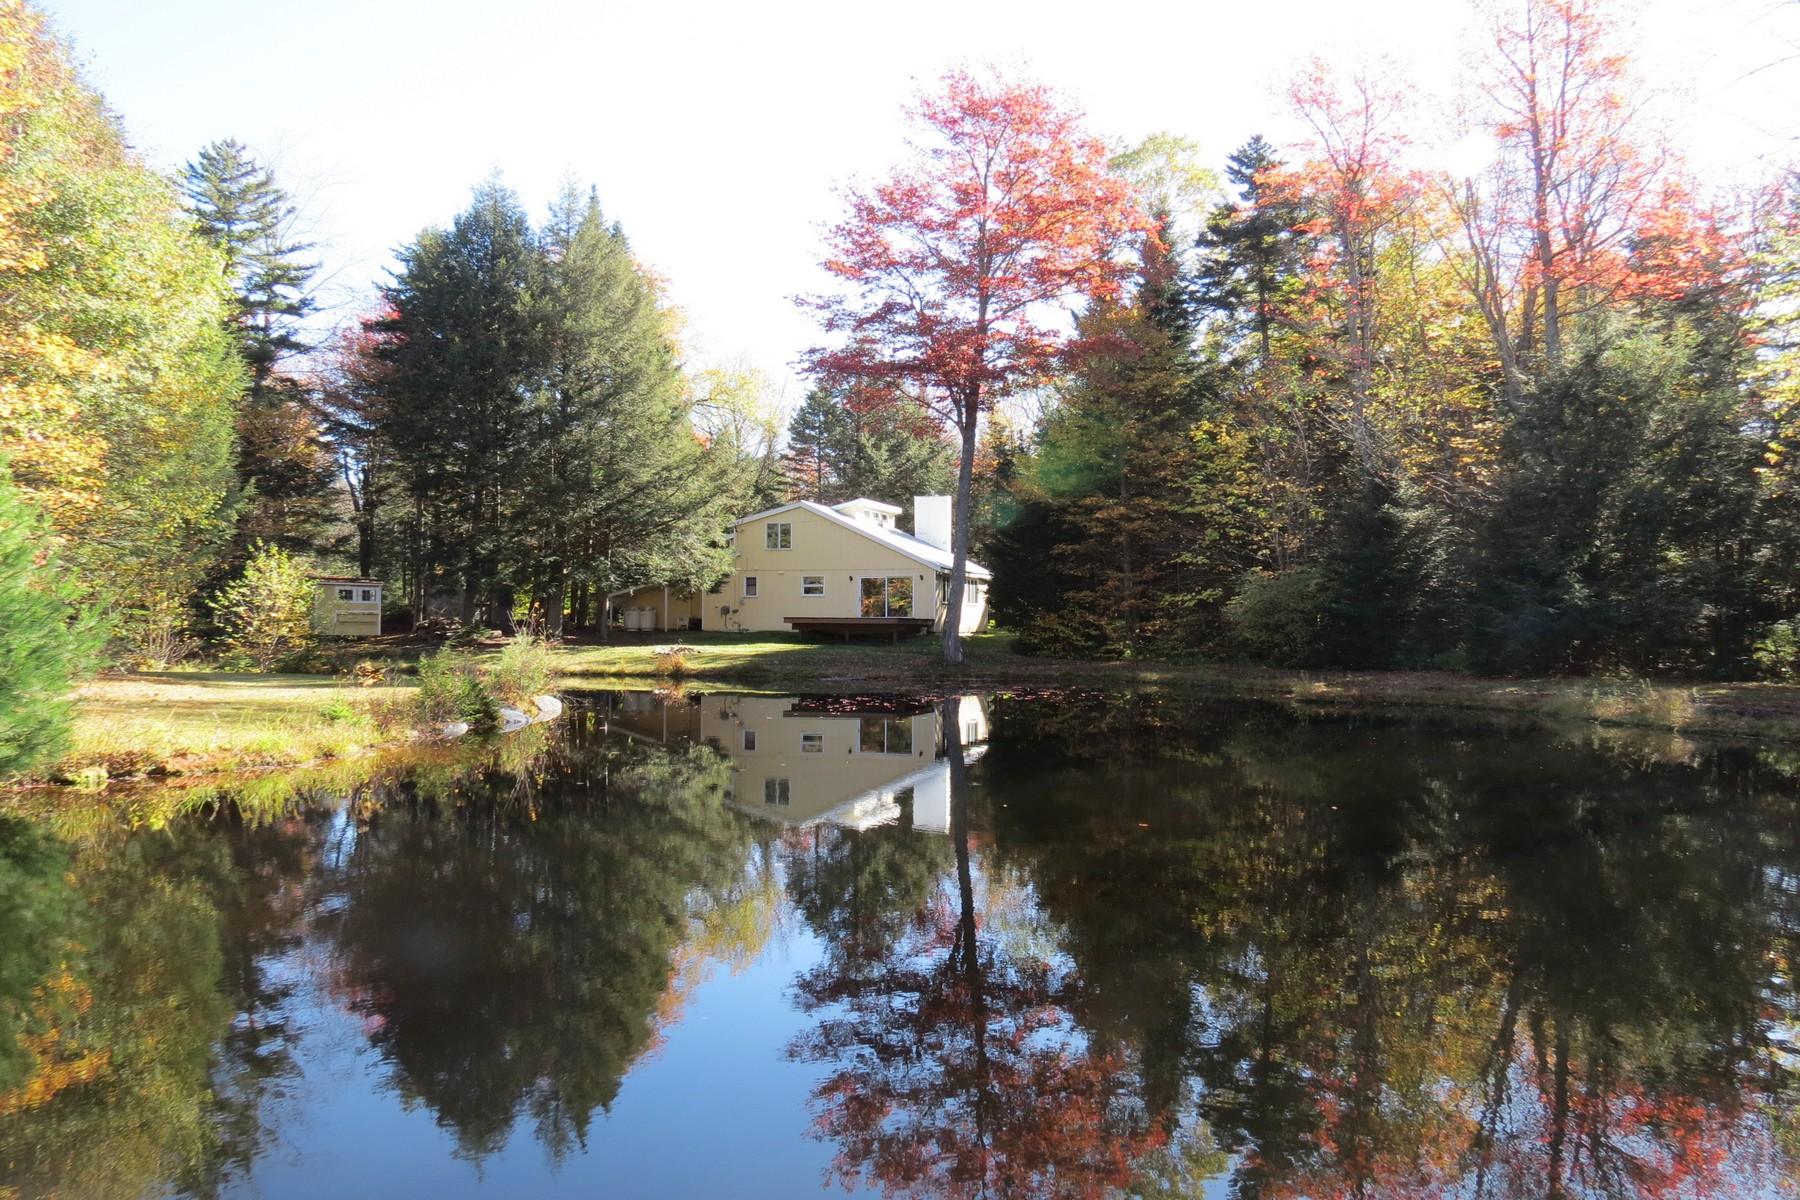 Частный односемейный дом для того Продажа на Idyllic Setting - Pond with 5 Acres 62 Nichols, Landgrove, Вермонт, 05148 Соединенные Штаты